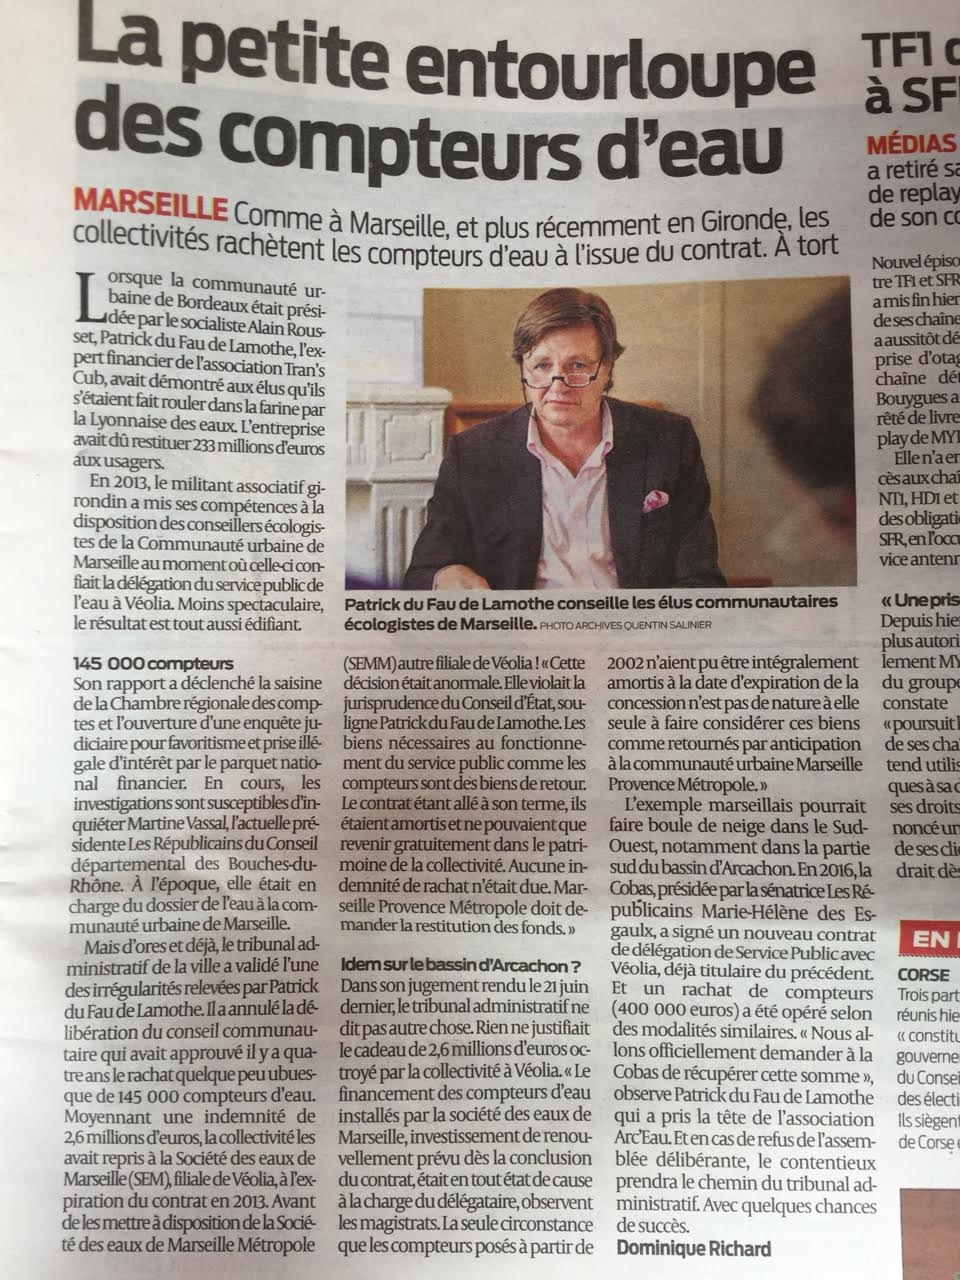 Marseille, en Gironde et peut-être à Paris Saclay : Le petite entourloupe des compteurs d'eau